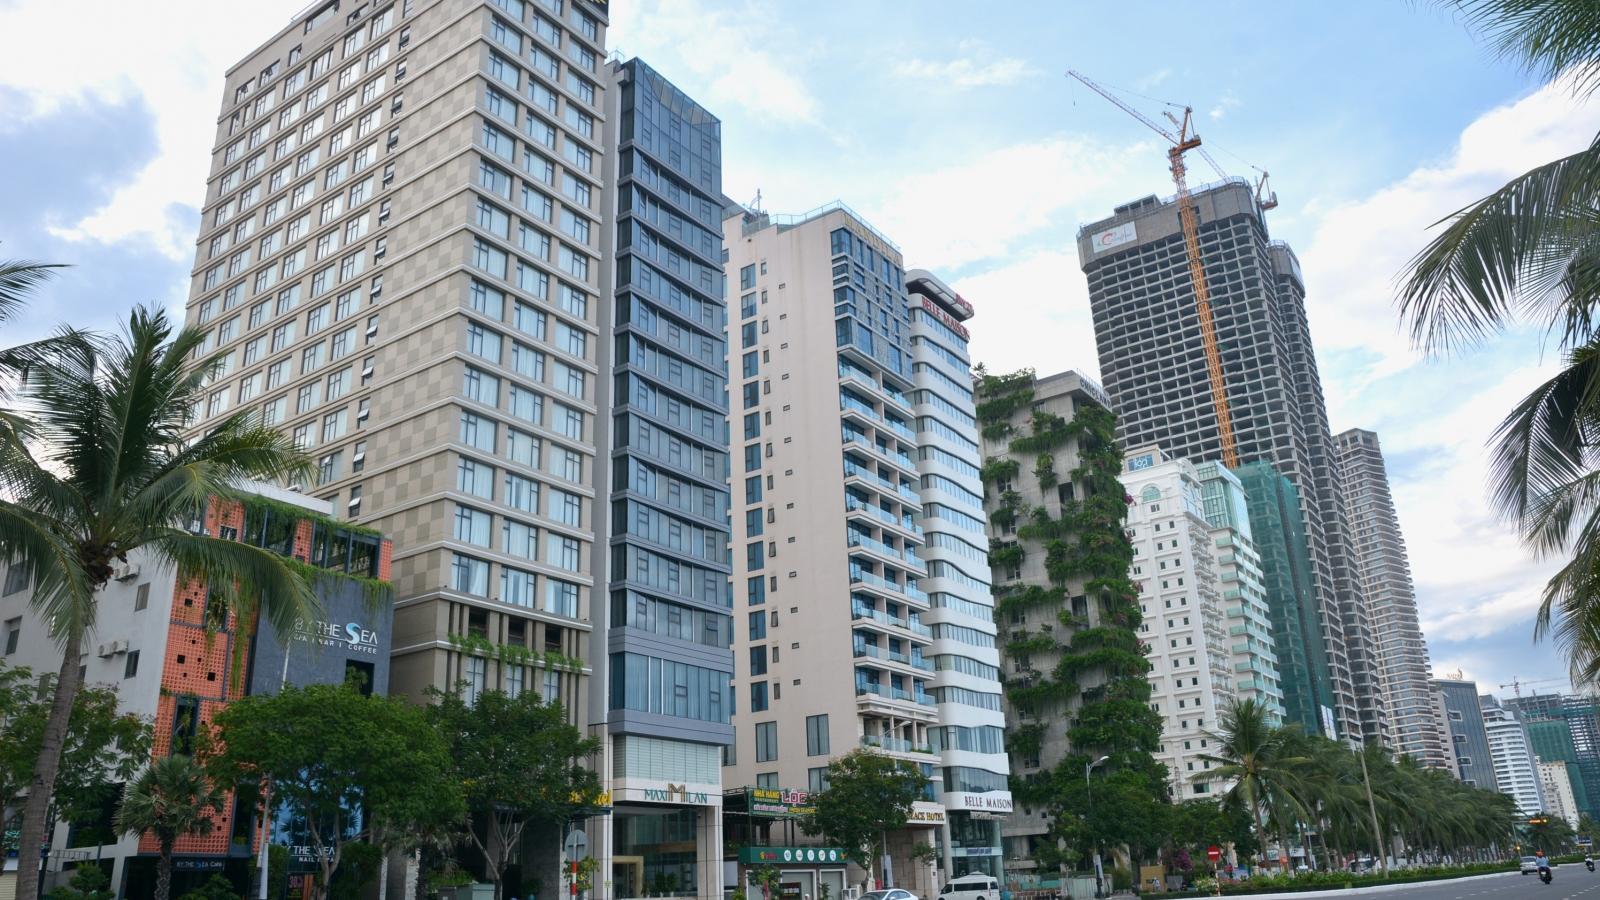 25% khách sạn, căn hộ lưu trú tại Đà Nẵng đang phải rao bán